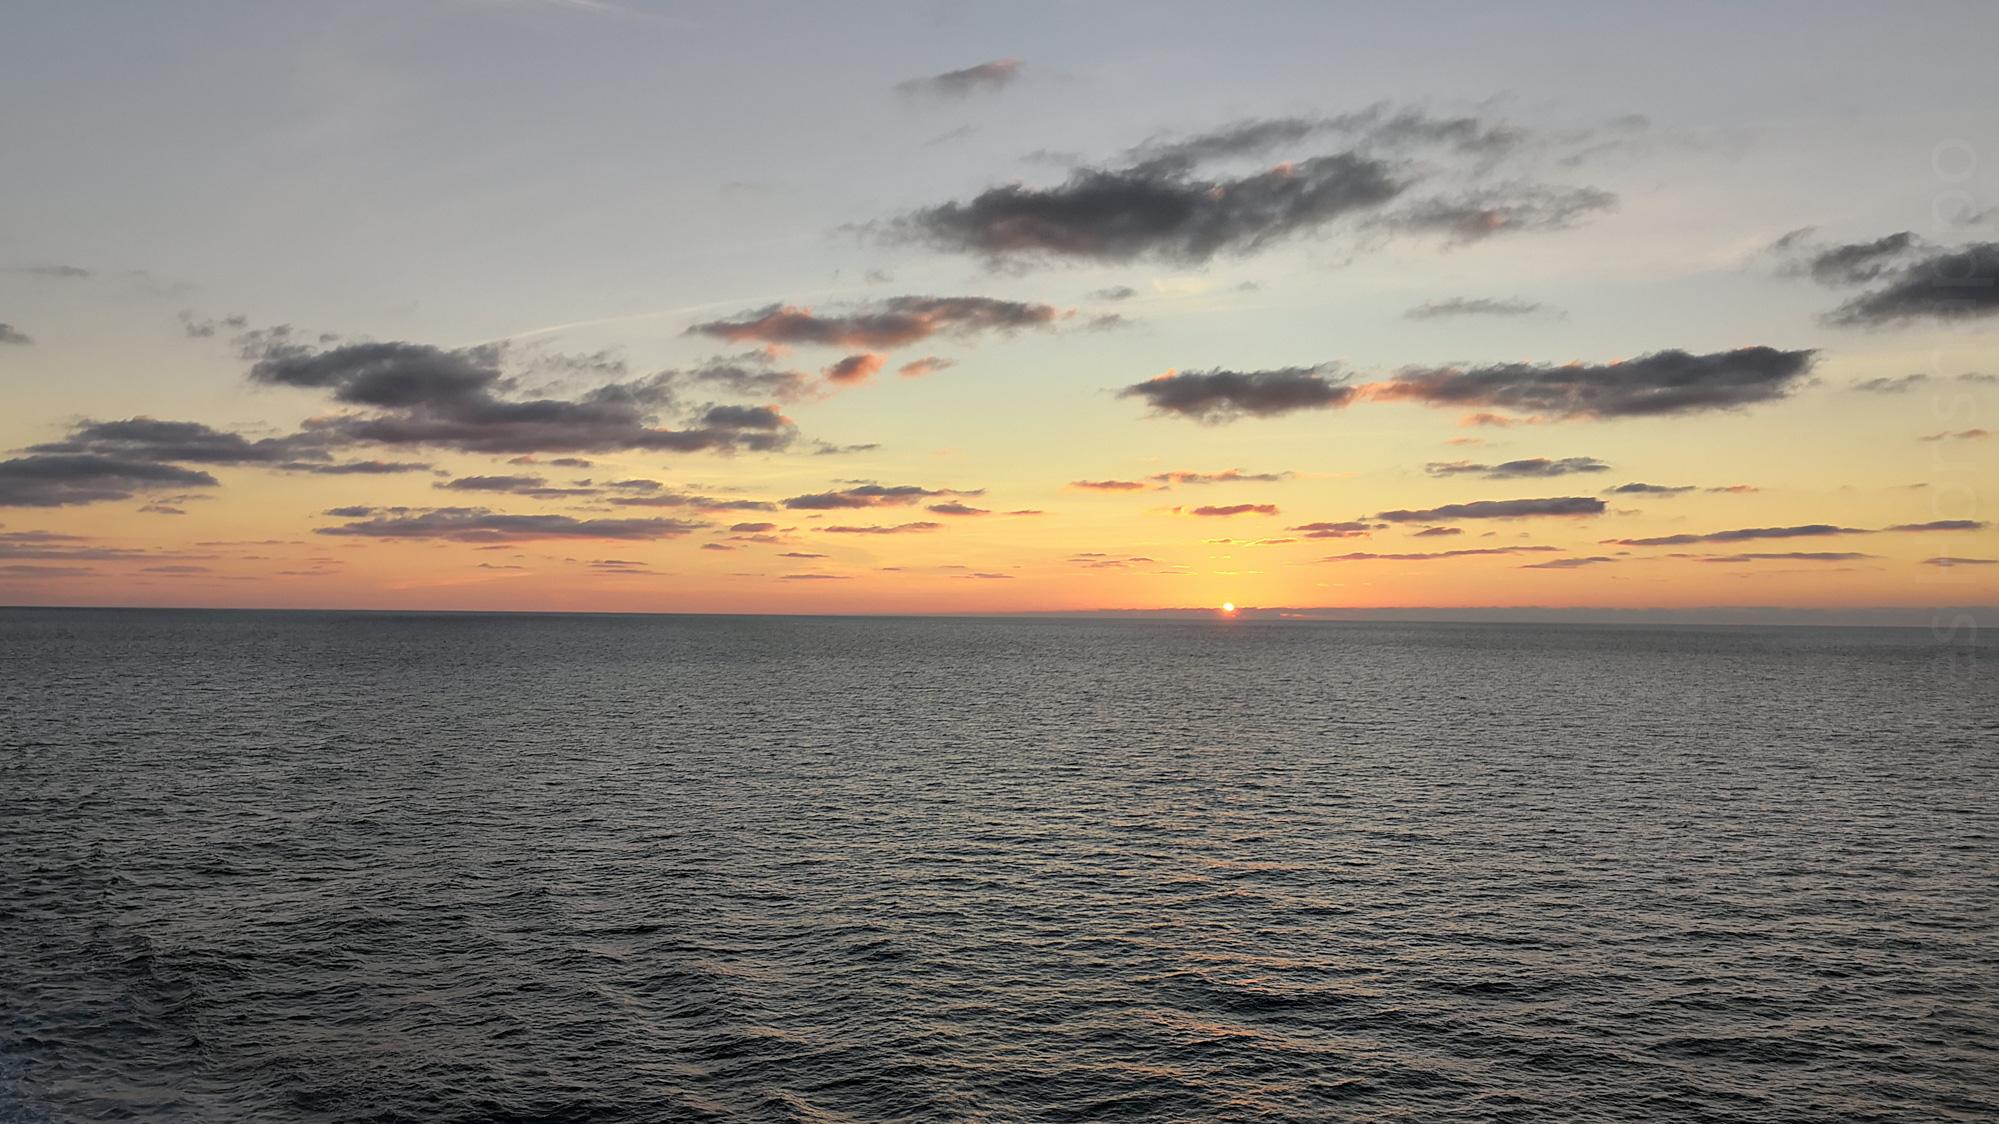 Regarder l'horizon disparaître dans le coucher de soleil